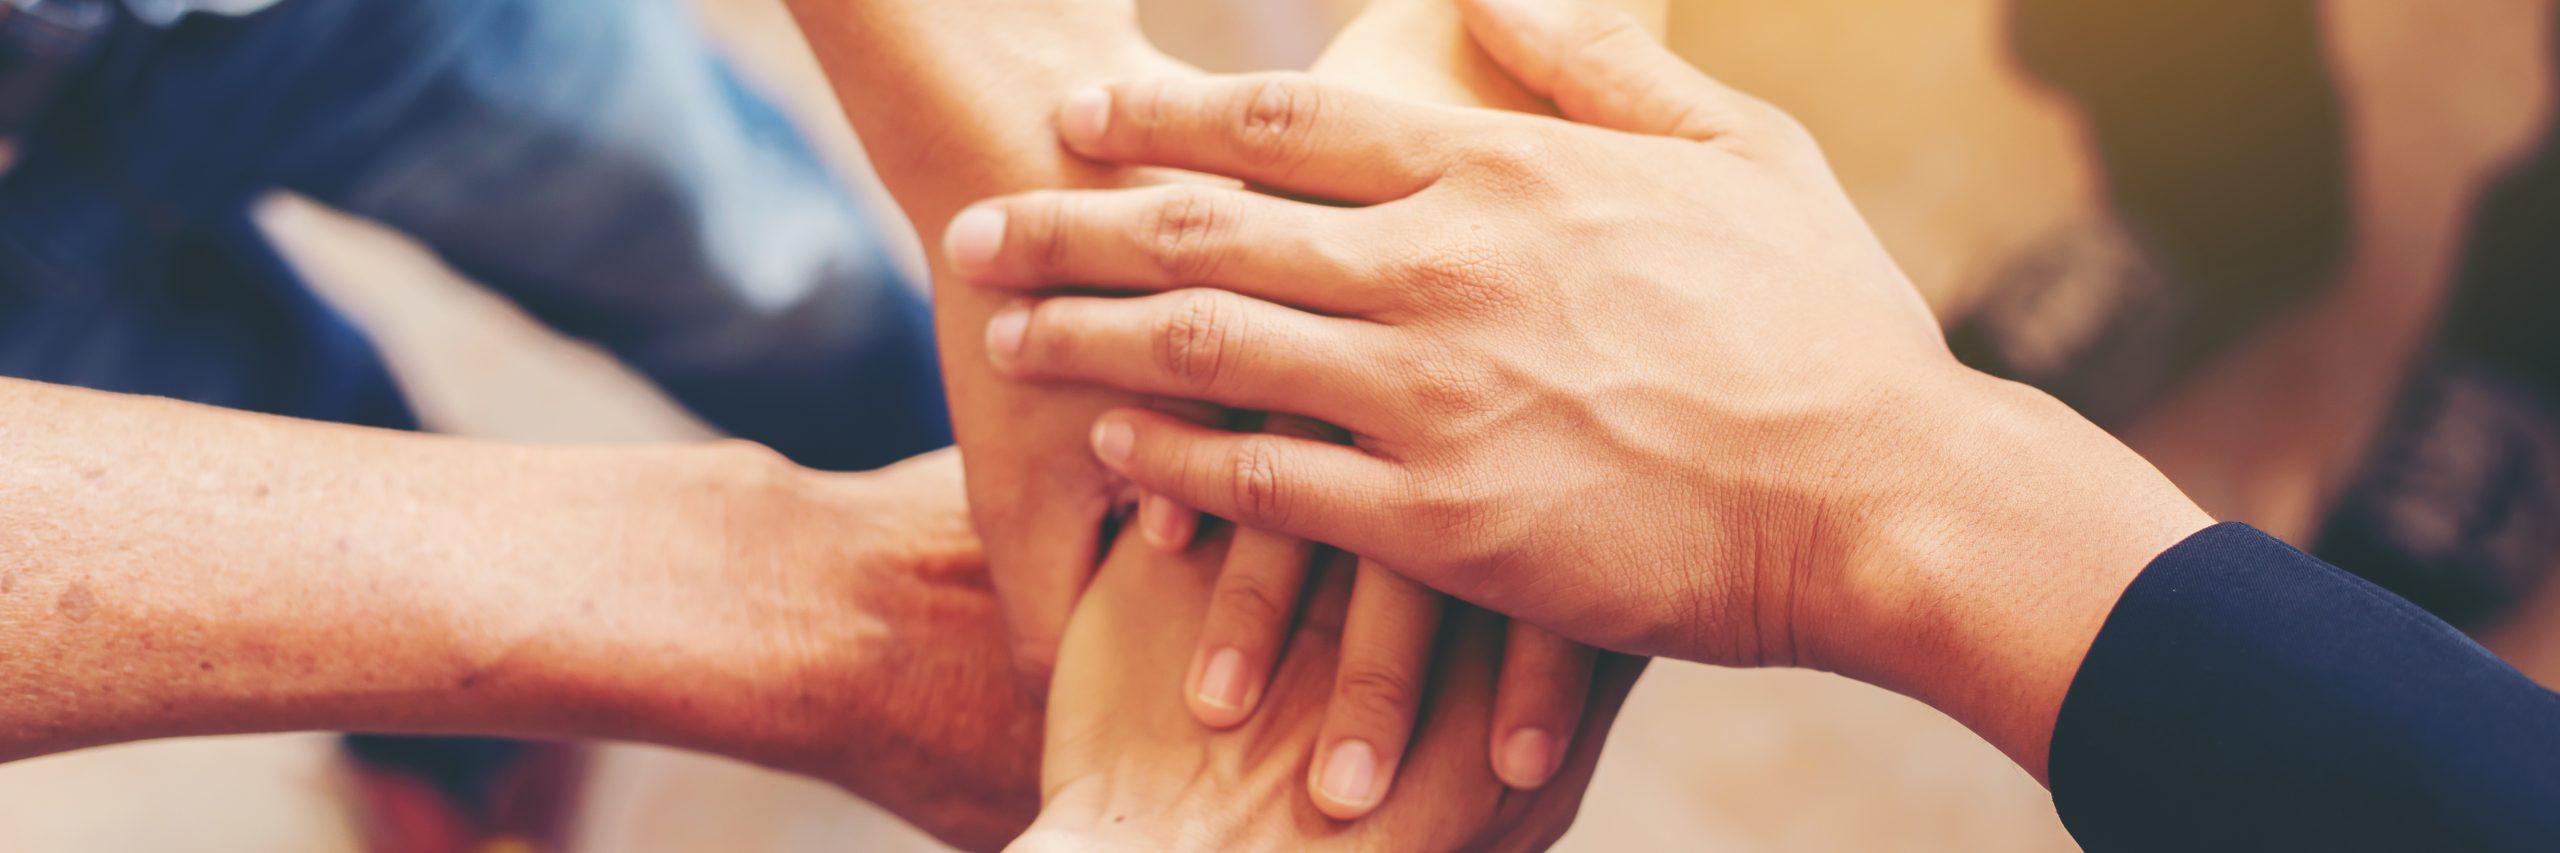 El equipo con las manos unidas